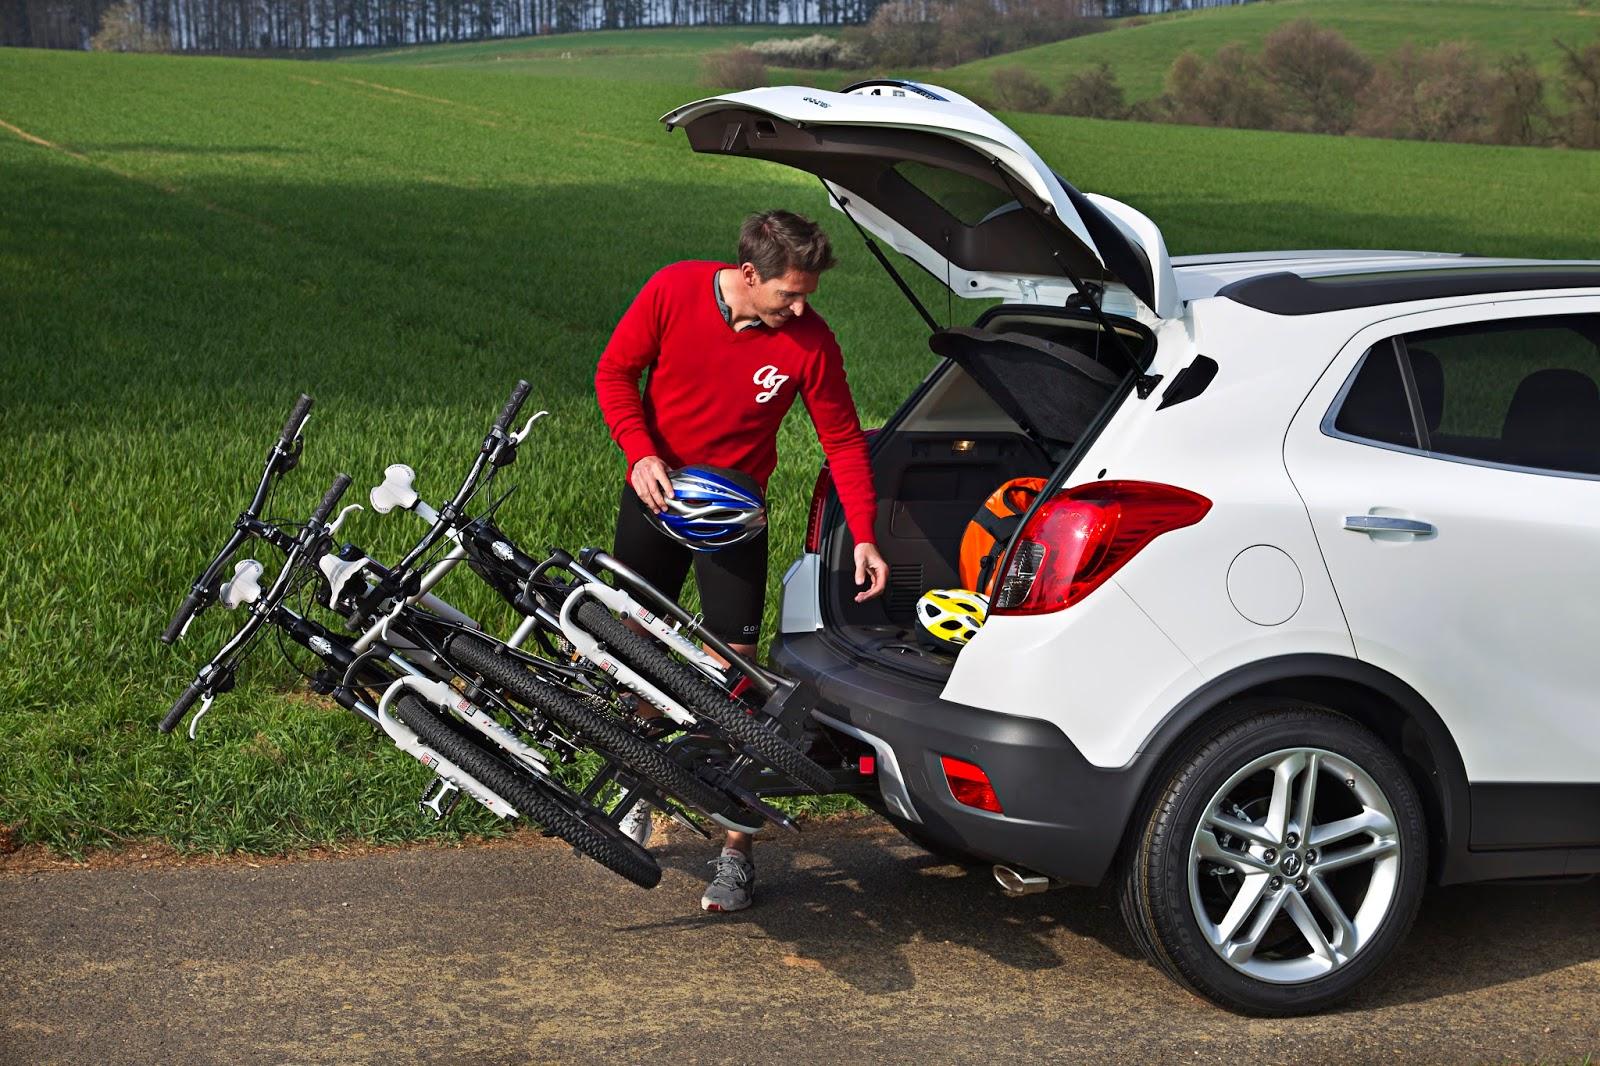 Opel Mokka FlexFix 275441 Στις 500.000 Έφτασαν οι Παραγγελίες για το Opel Mokka Opel, Opel Mokka, Sales, SUV